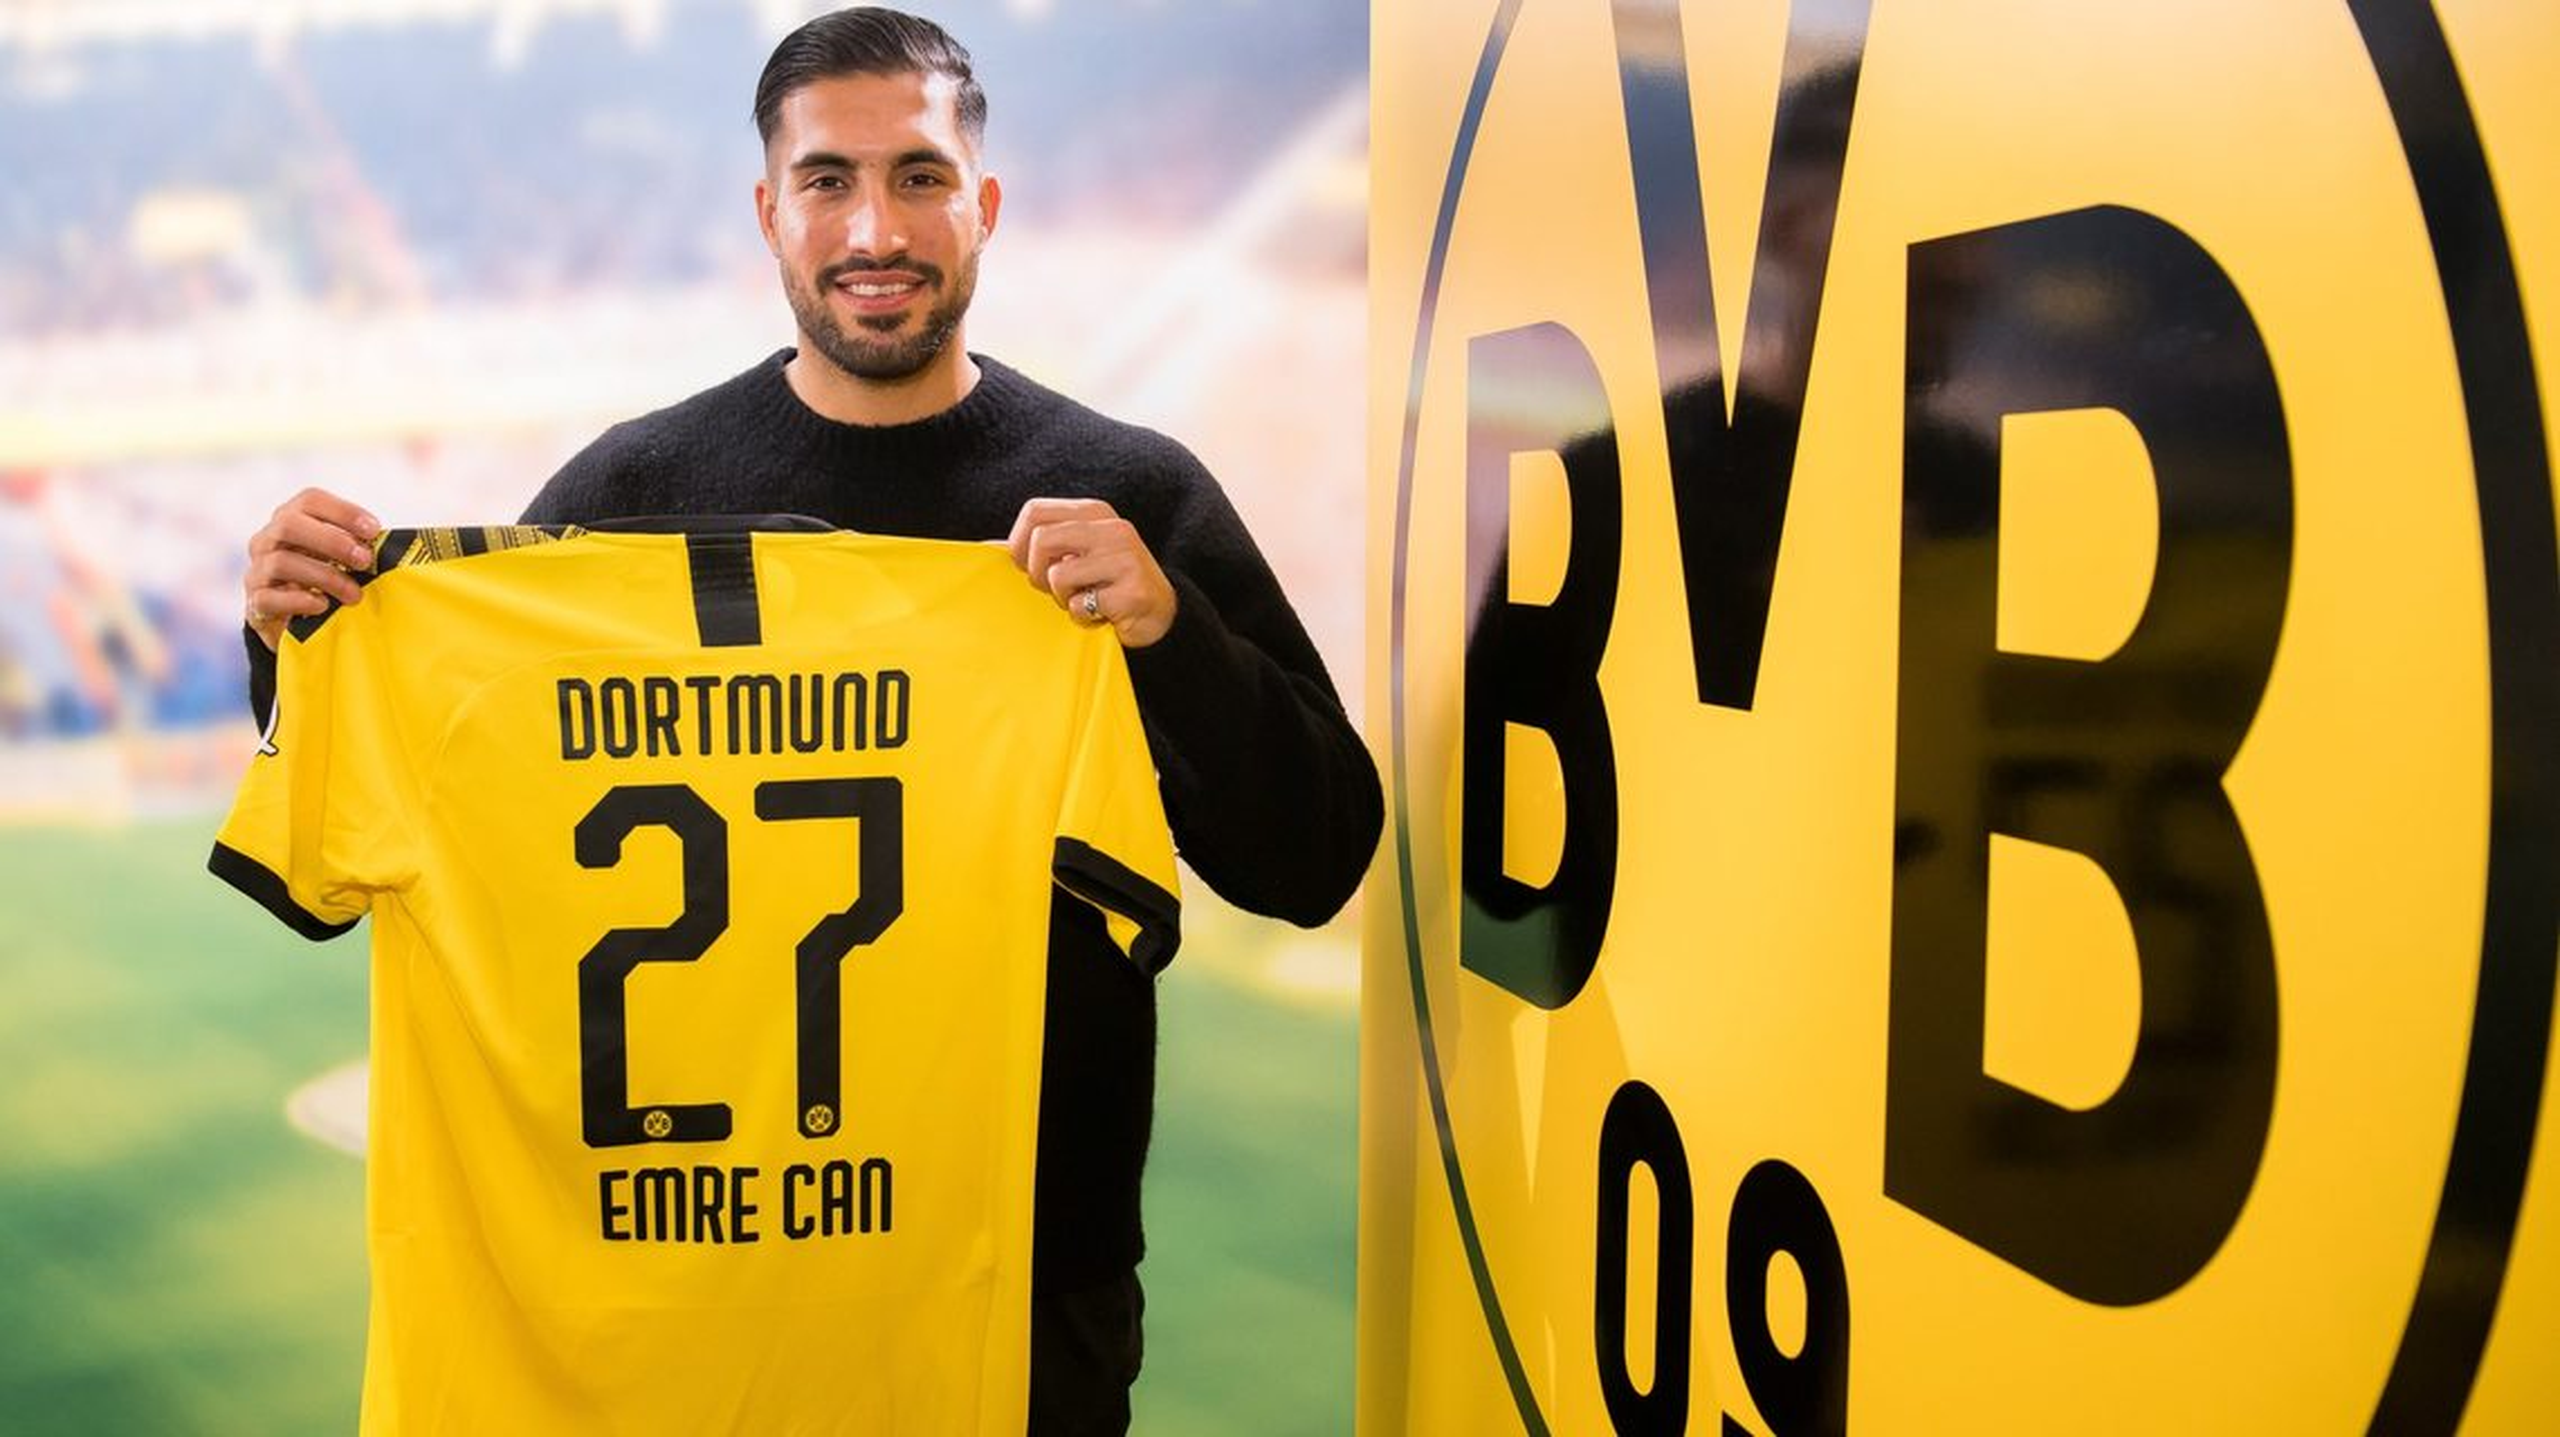 Emre Mor Borussia Dortmund